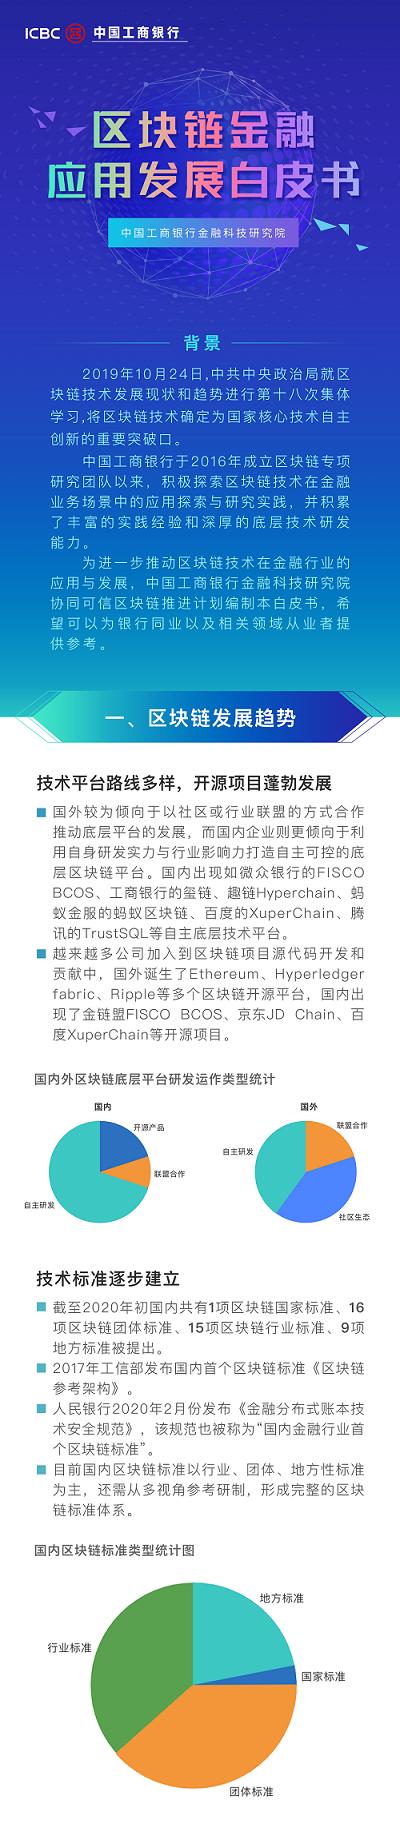 中国工商银行发布银行业首个区块链白皮书|新冠肺炎_LibraNews_LibraNews网